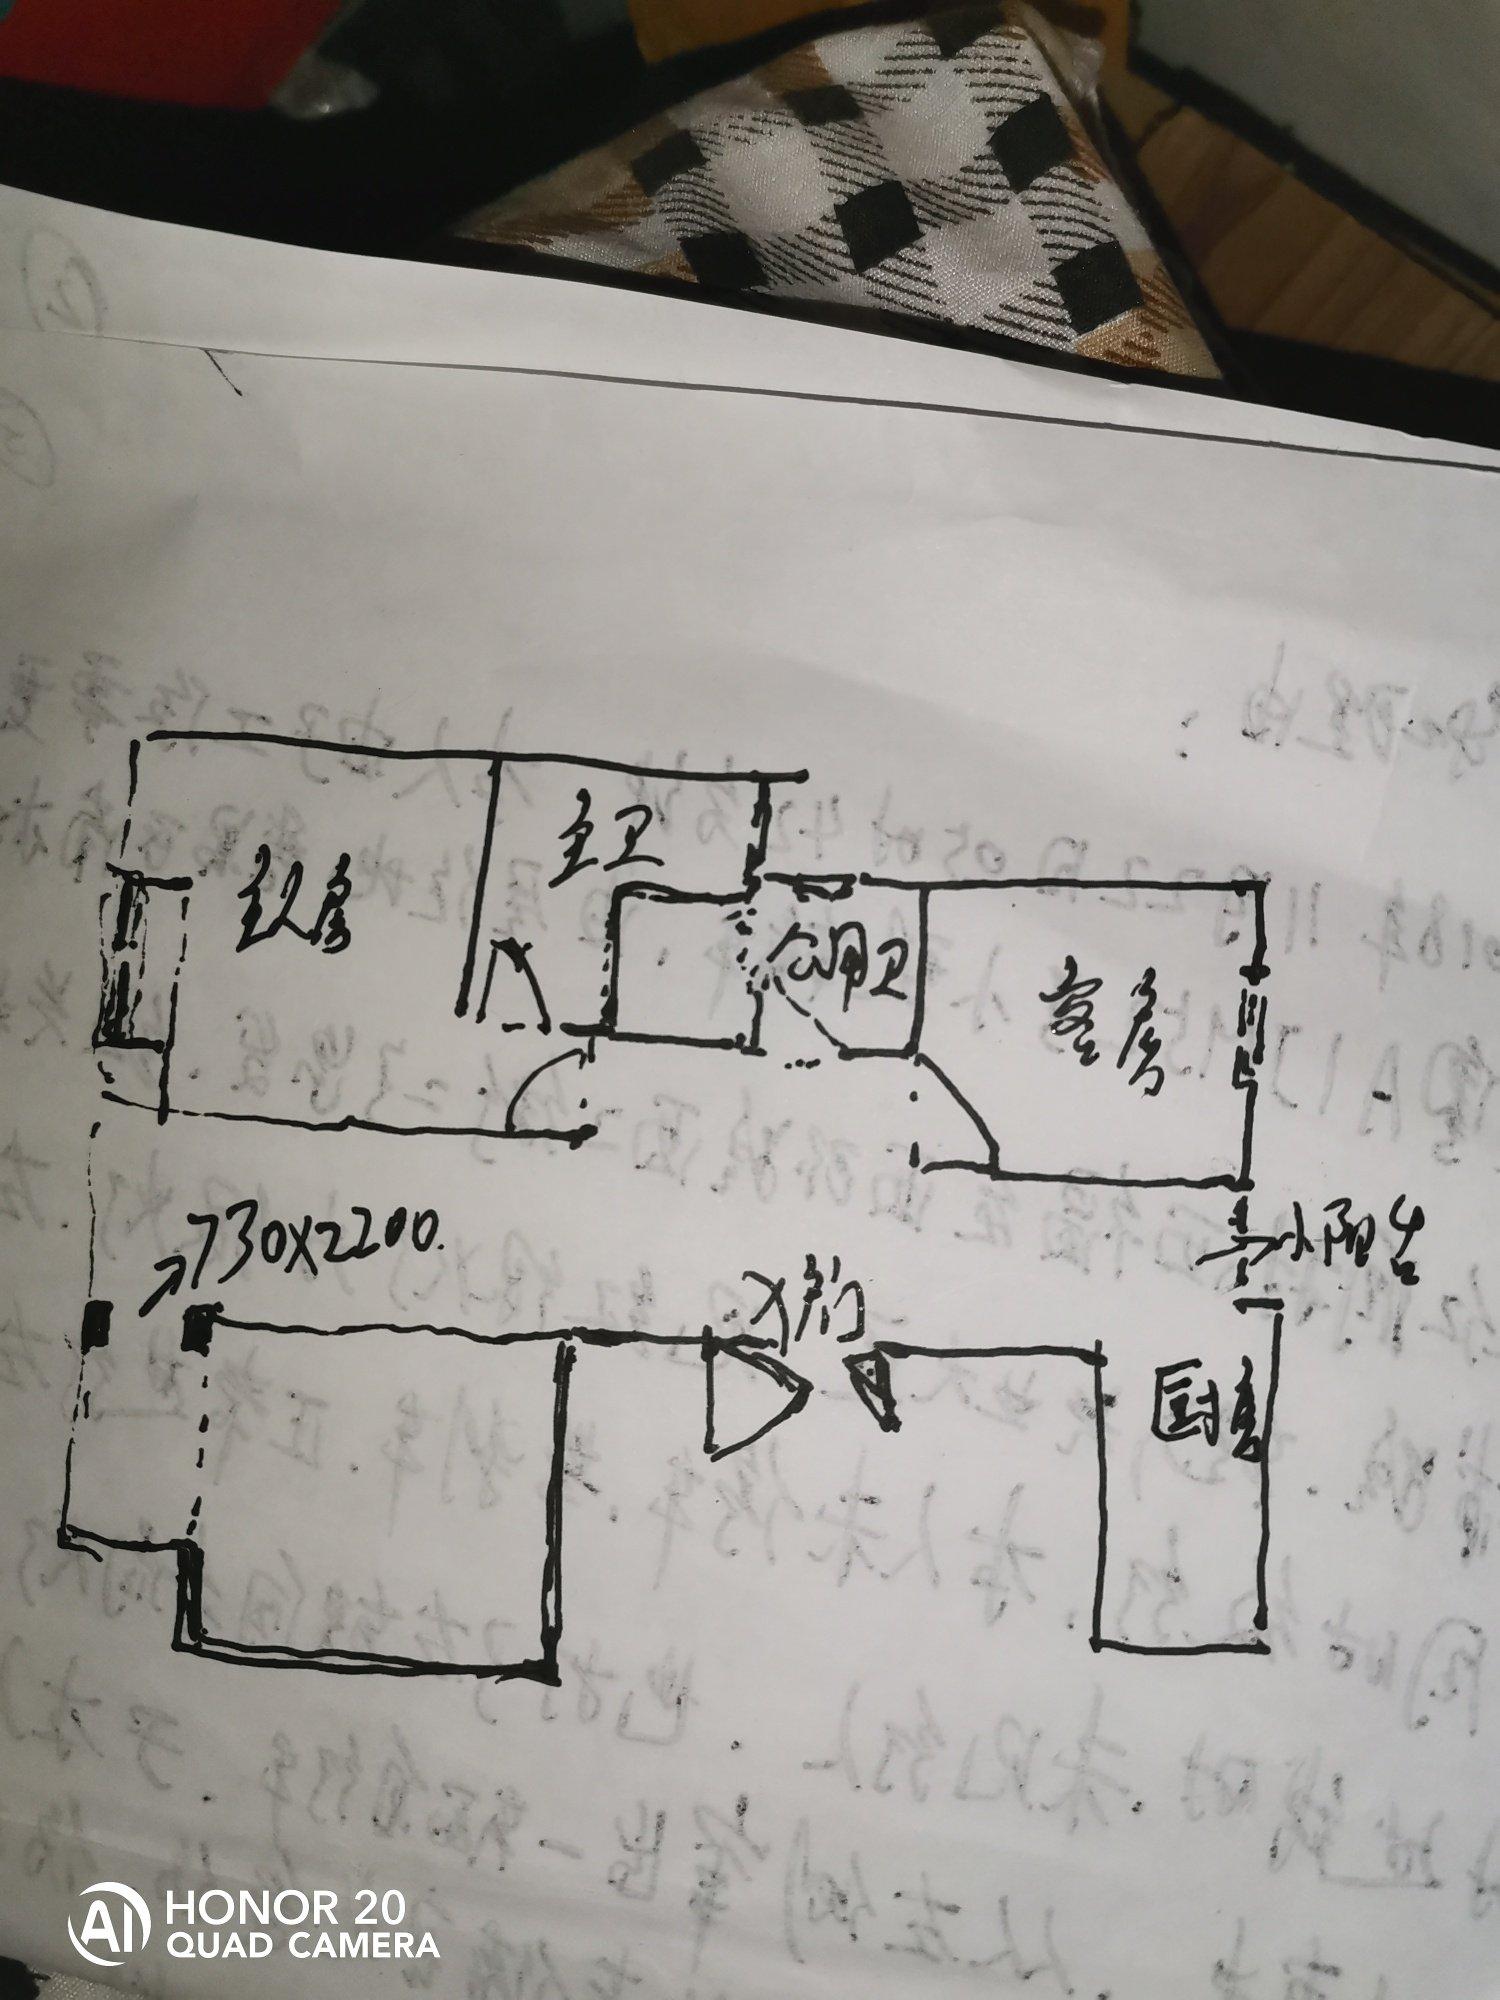 次卧室的门能改到对餐厅,象原图如何改造厕所,效果更佳(原主人房门和次卧房门正对)